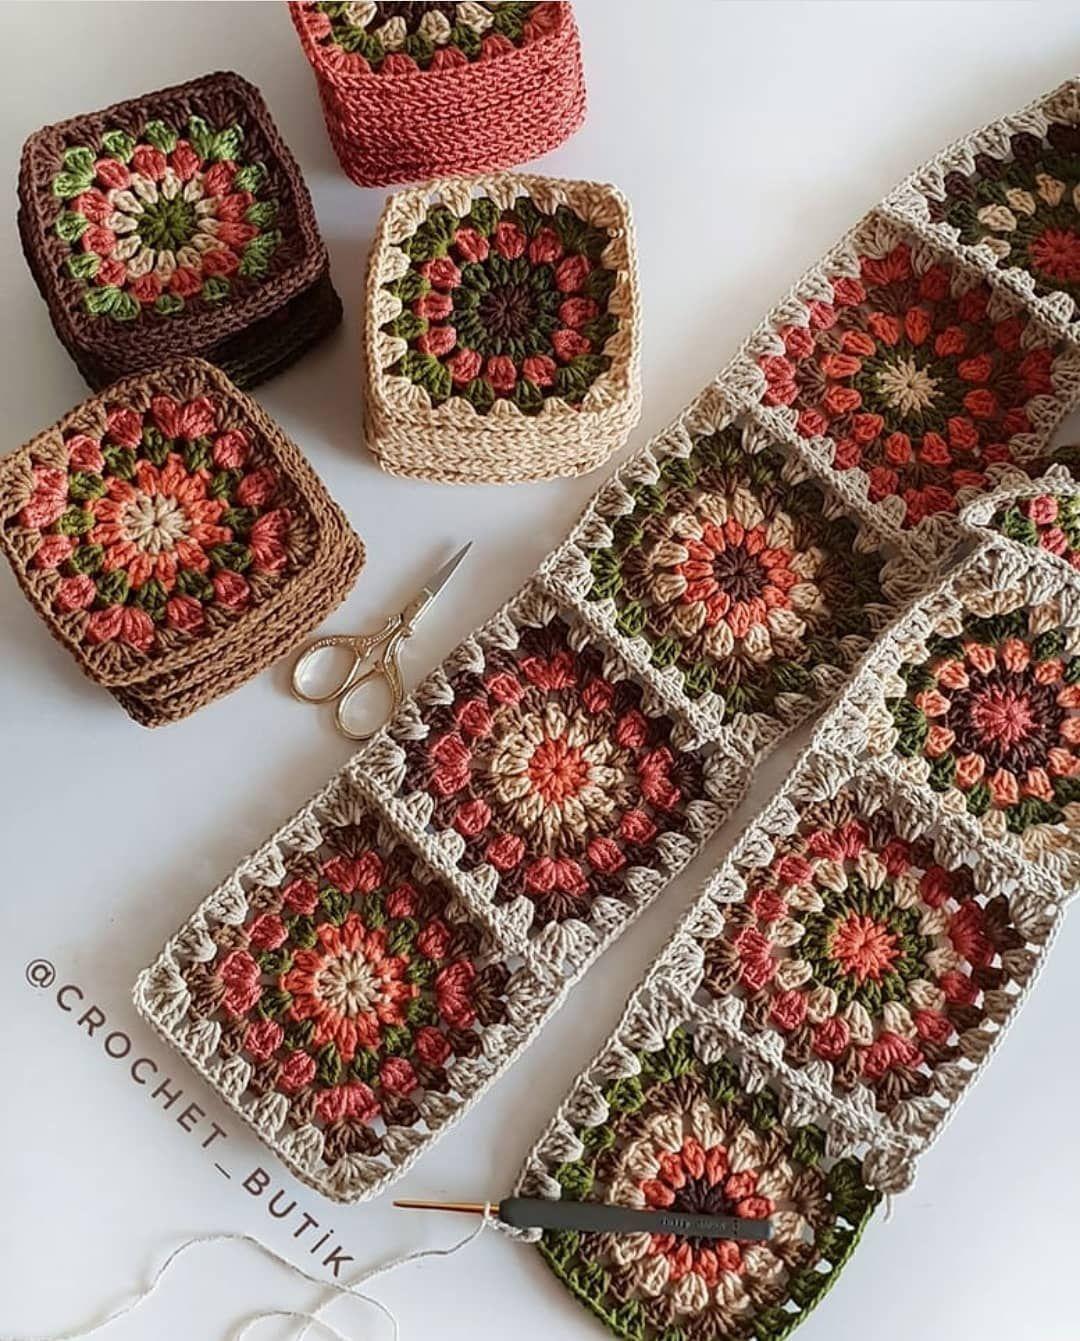 """2153dc4123 Crochê Passo a Passo on Instagram  """". .💗Siga    curso crochepassoapasso online . . 🔥Descubra como Milhares de Mulheres  Estão Fazendo Lindas Peças de Crochê ..."""